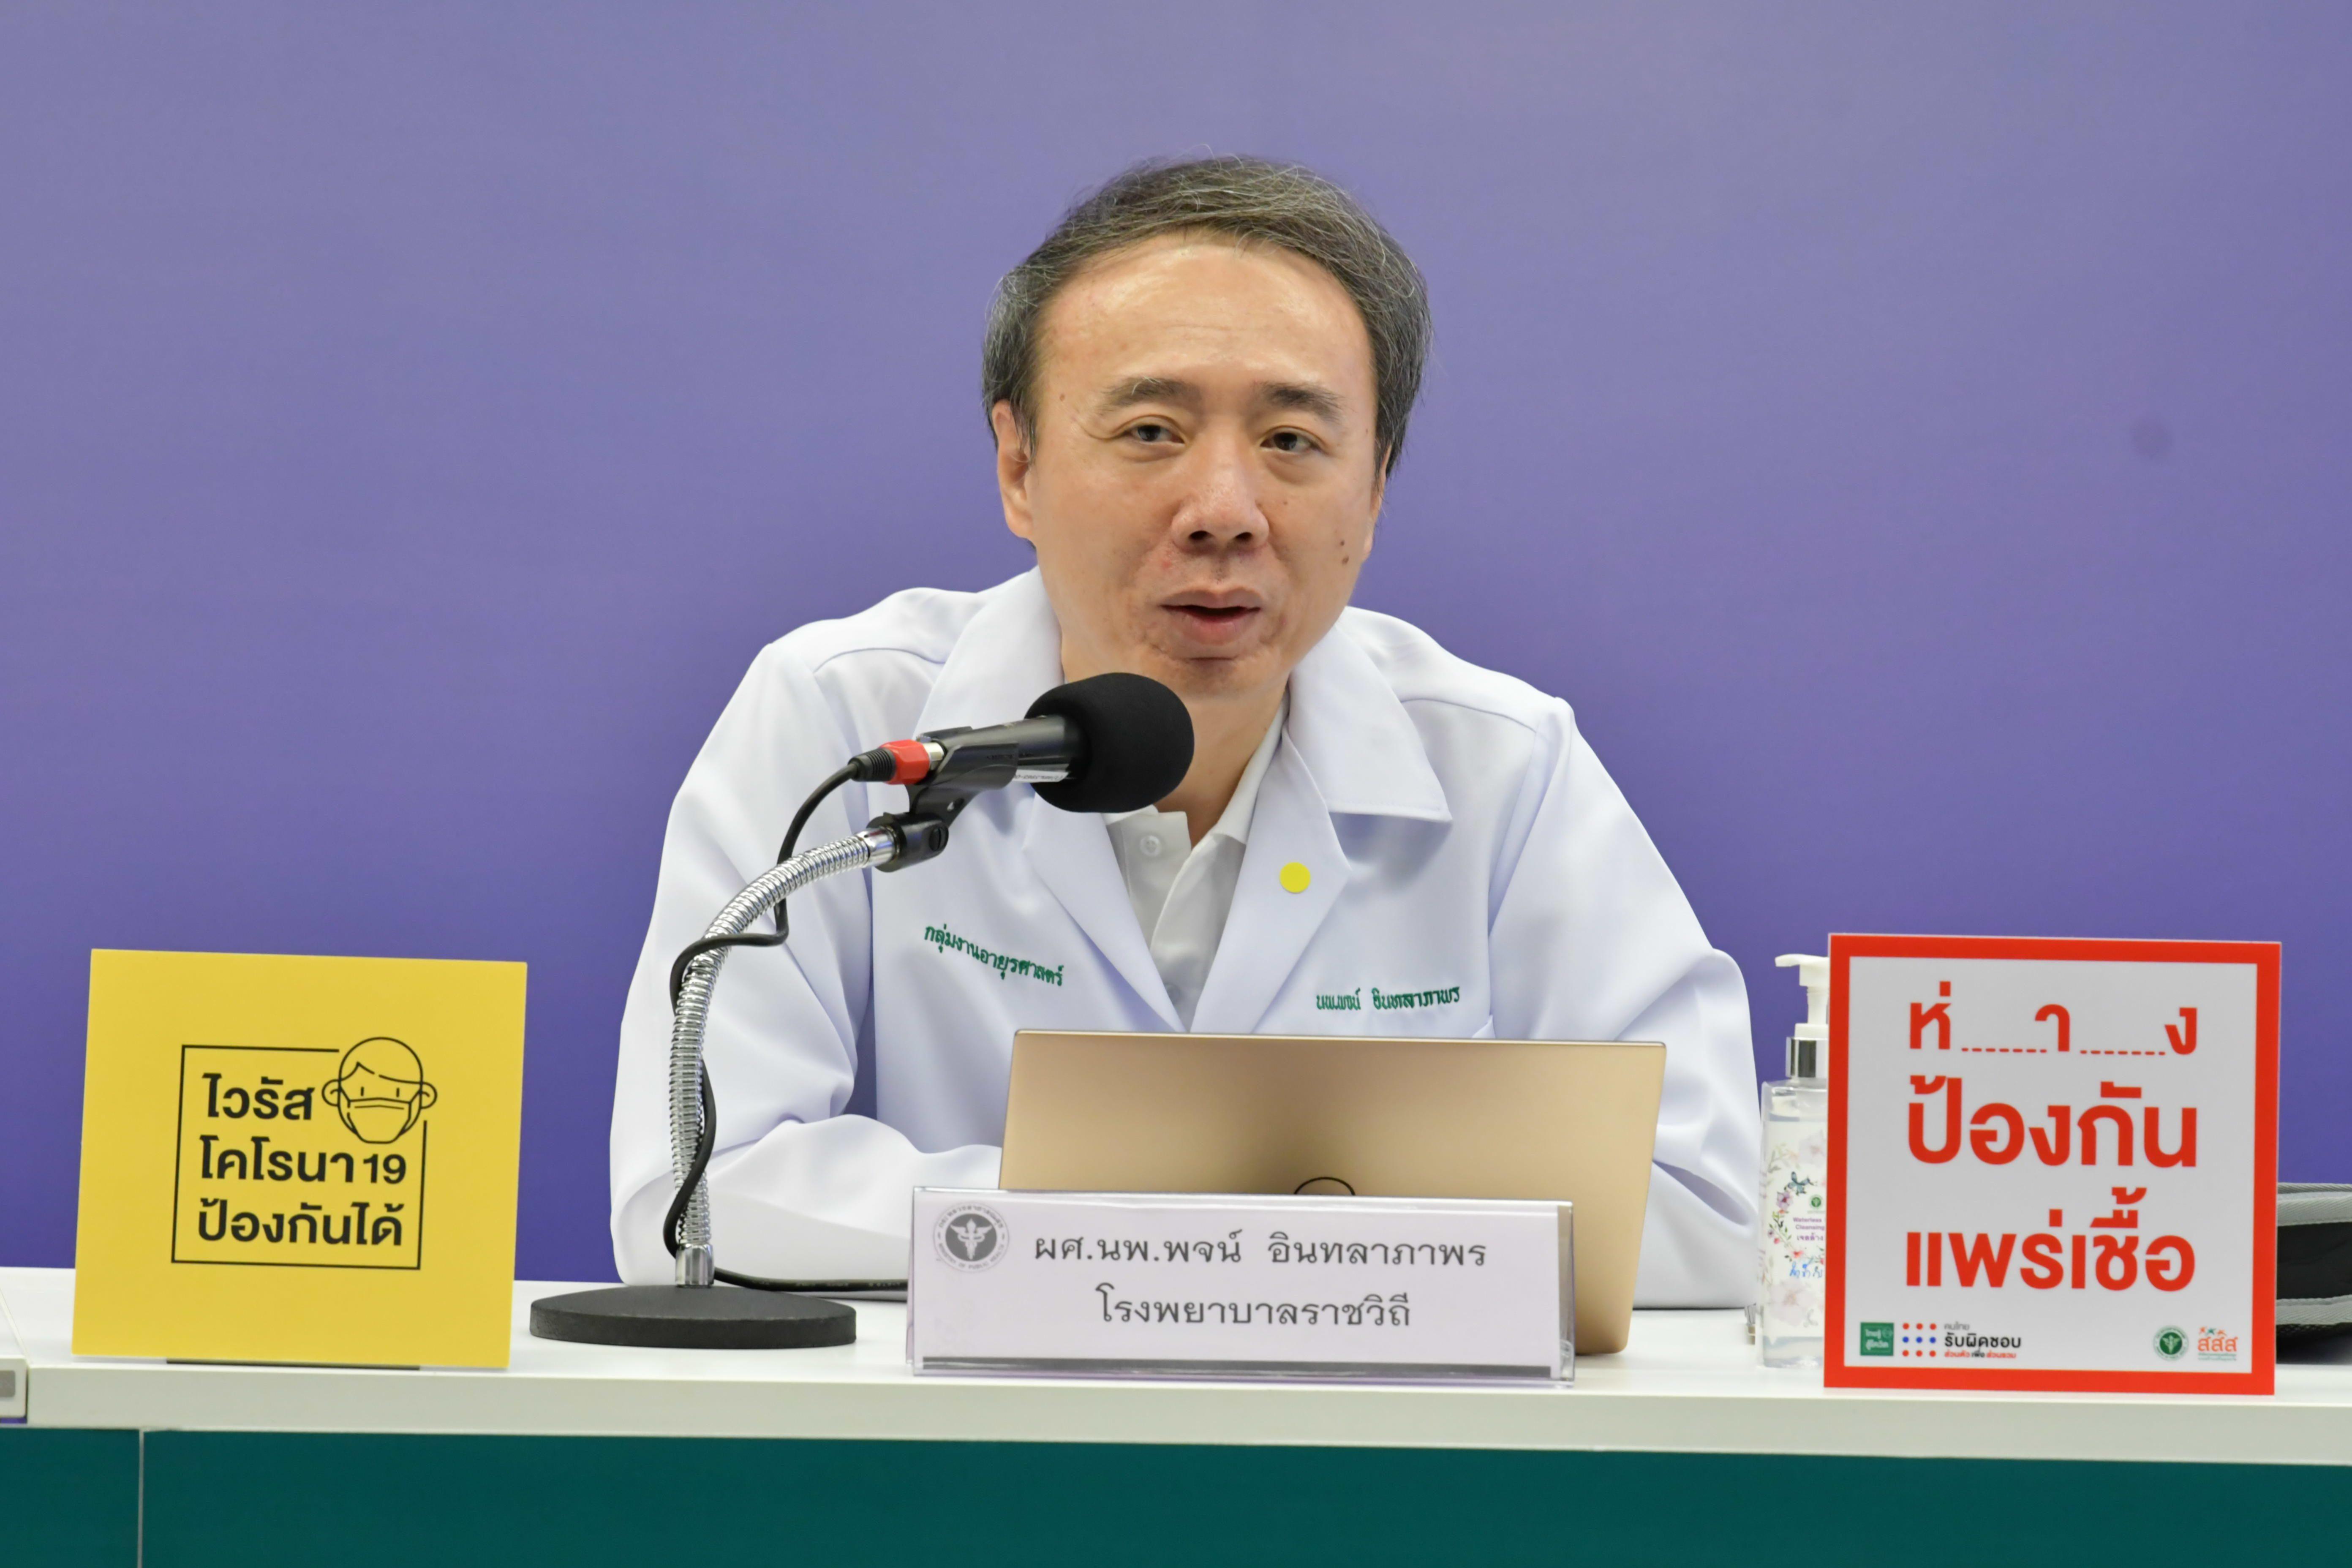 """รพ.ราชวิถี ถอดบทเรียน """"โควิด-19"""" ผู้ป่วย 3 แบบ 3 สไตล์ รักษาด้วยสูตรเดียวกันแต่ผลลัพธ์ไม่เหมือนกัน"""